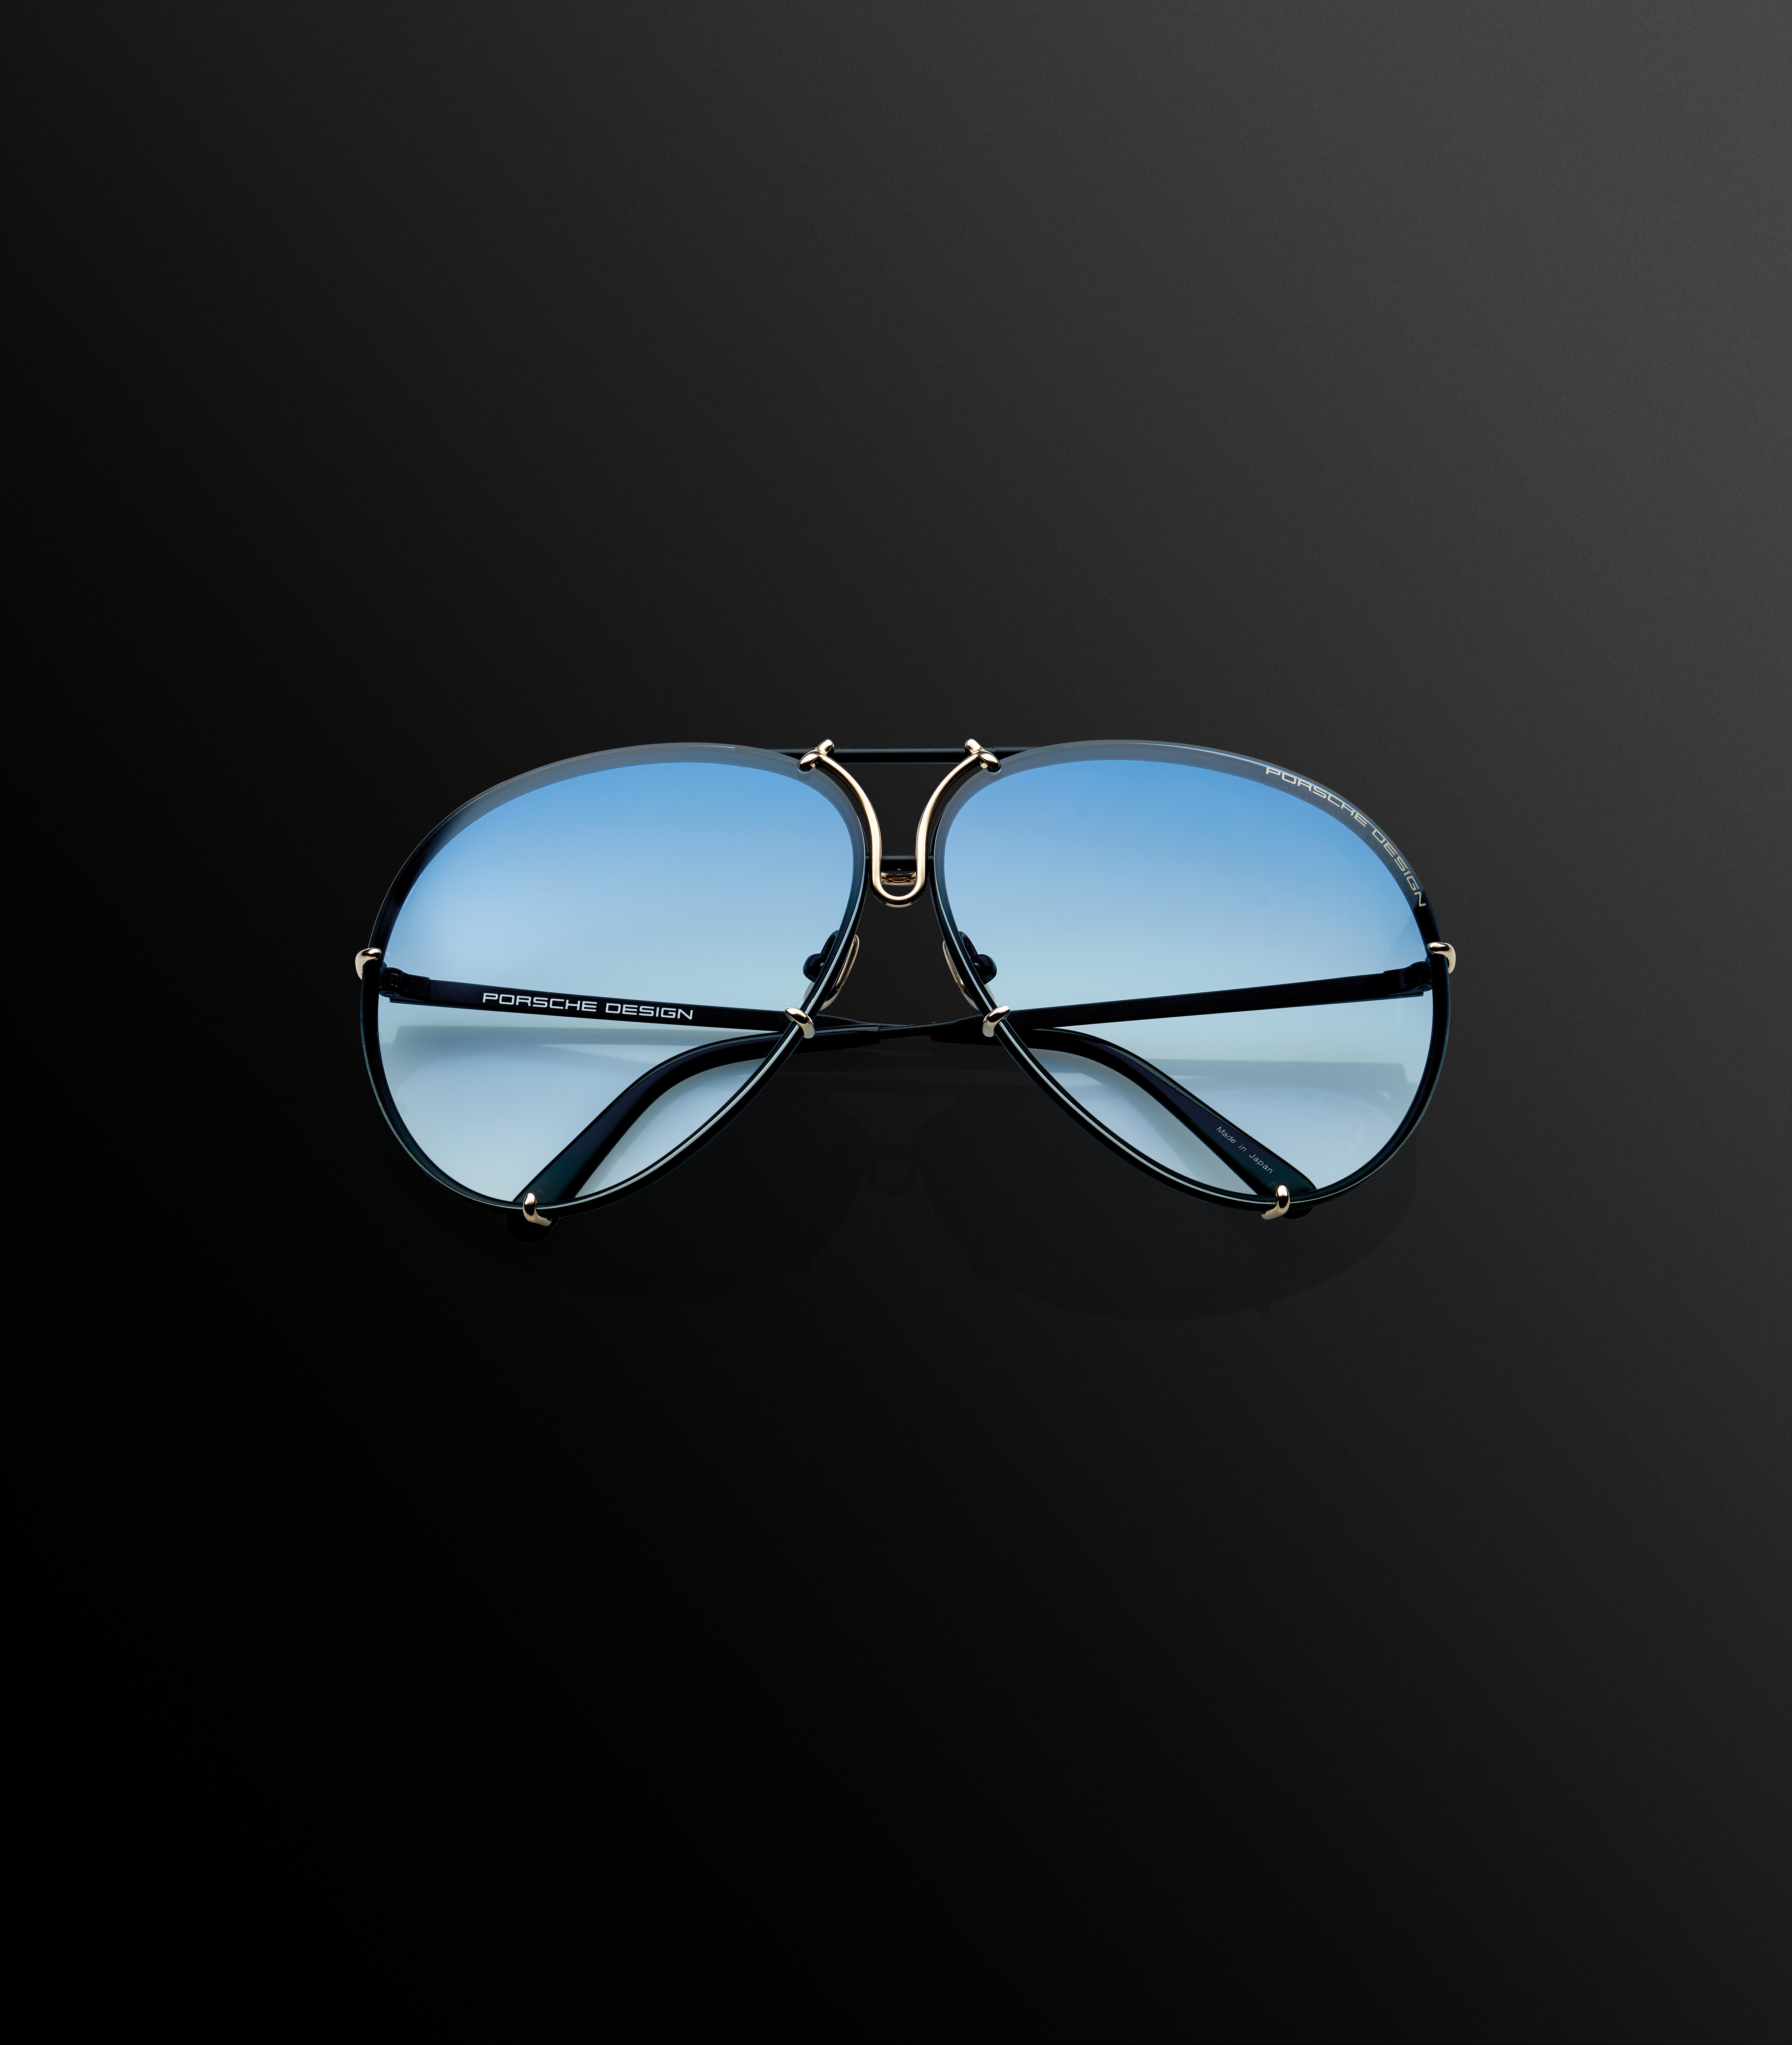 Porsche Design Eyewear feiert Jubiläum mit einer Sonderedition